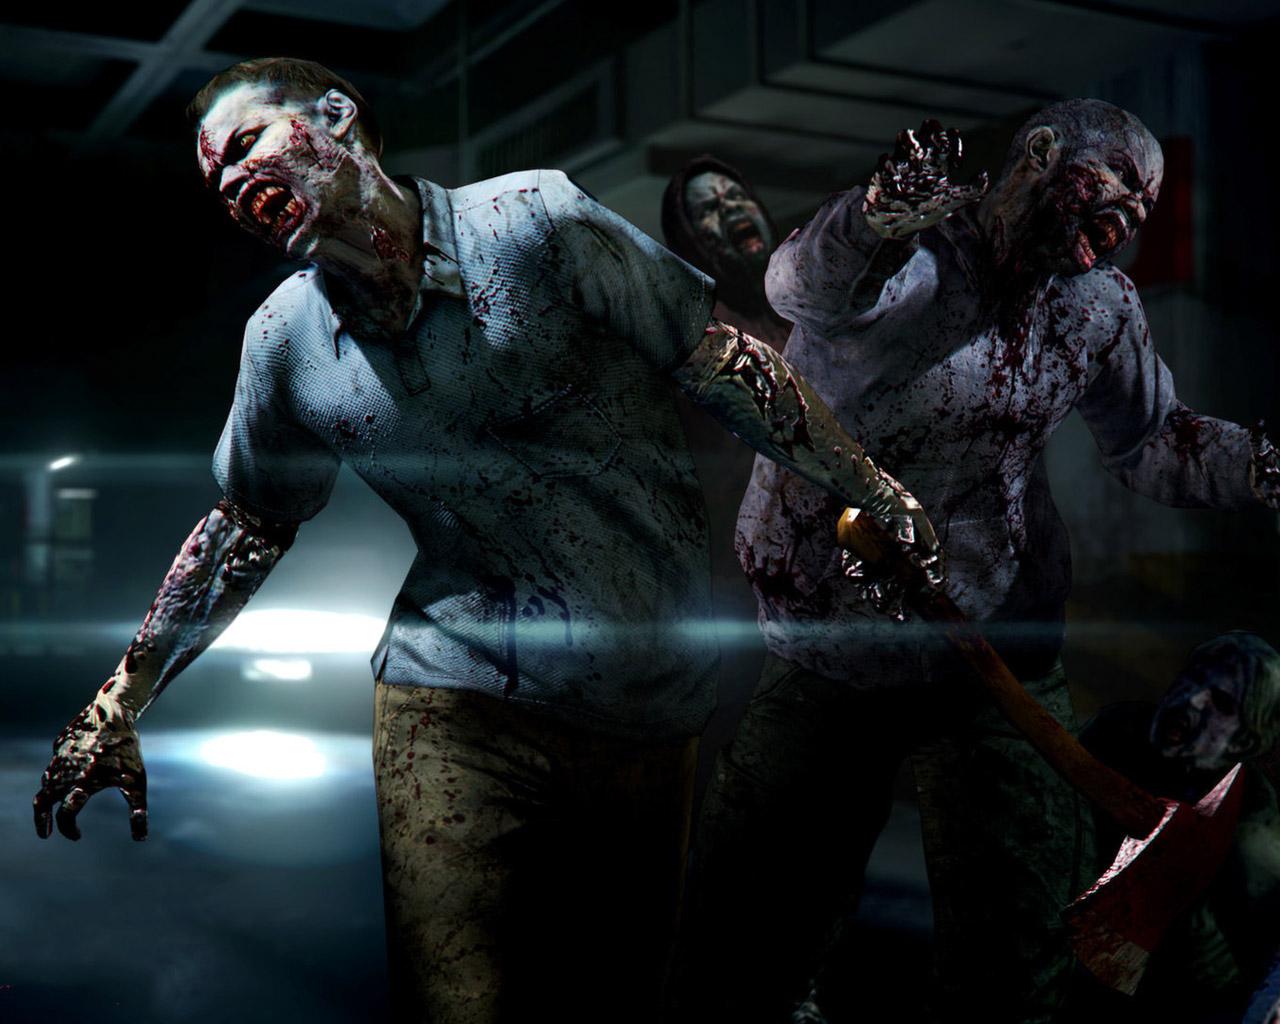 Free Resident Evil 6 Wallpaper in 1280x1024